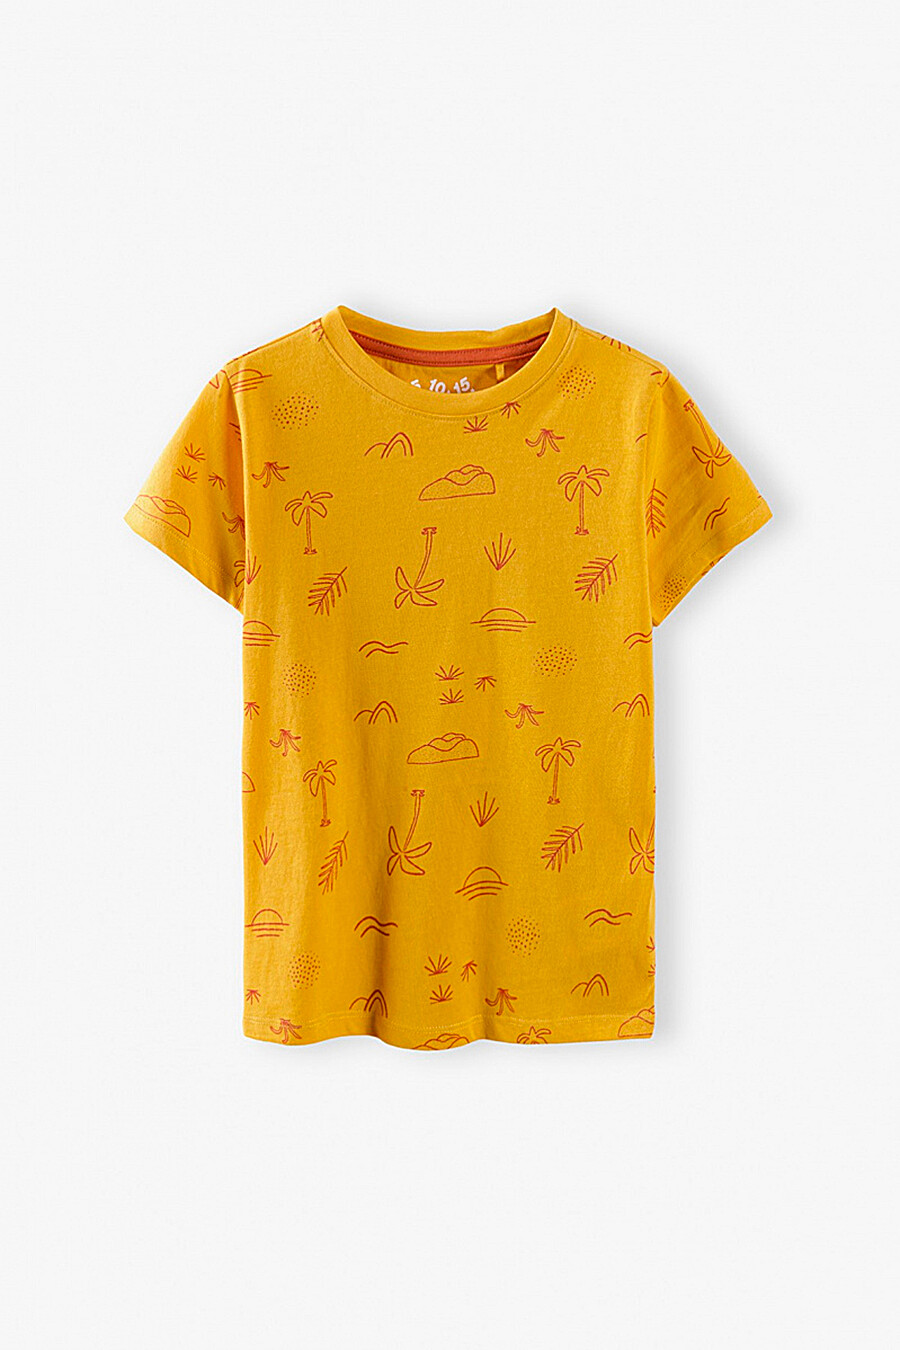 Футболка для мальчиков 5.10.15 668439 купить оптом от производителя. Совместная покупка детской одежды в OptMoyo